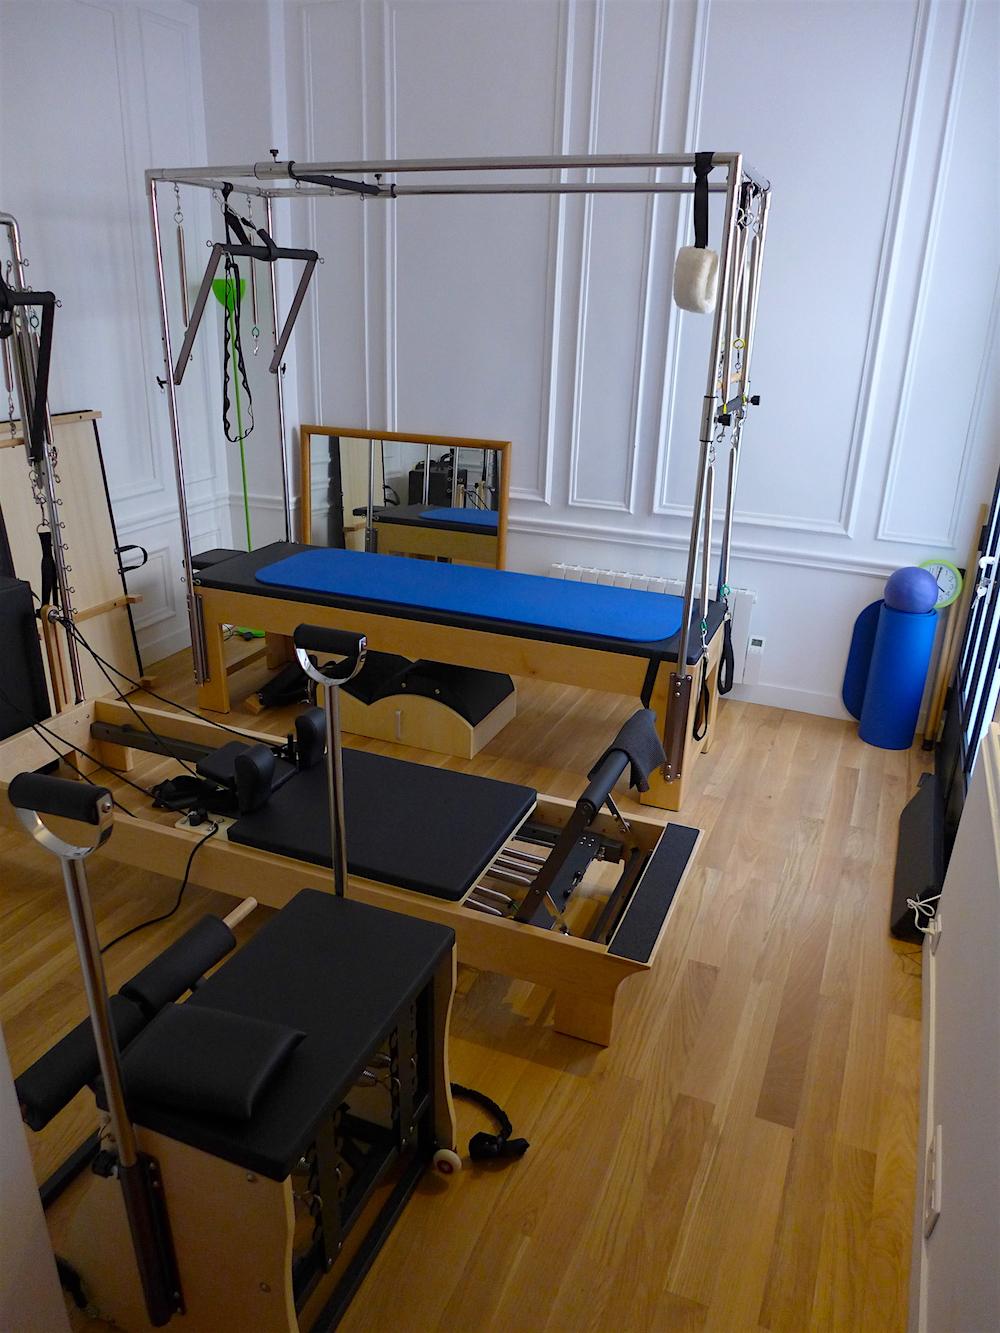 Notre studio utilise uniquement l'équipement Elina Pilates pour sa conception intelligente, de haute qualité et le bon fonctionnement. Il est fabriqué exclusivement dans l'Union Européenne.